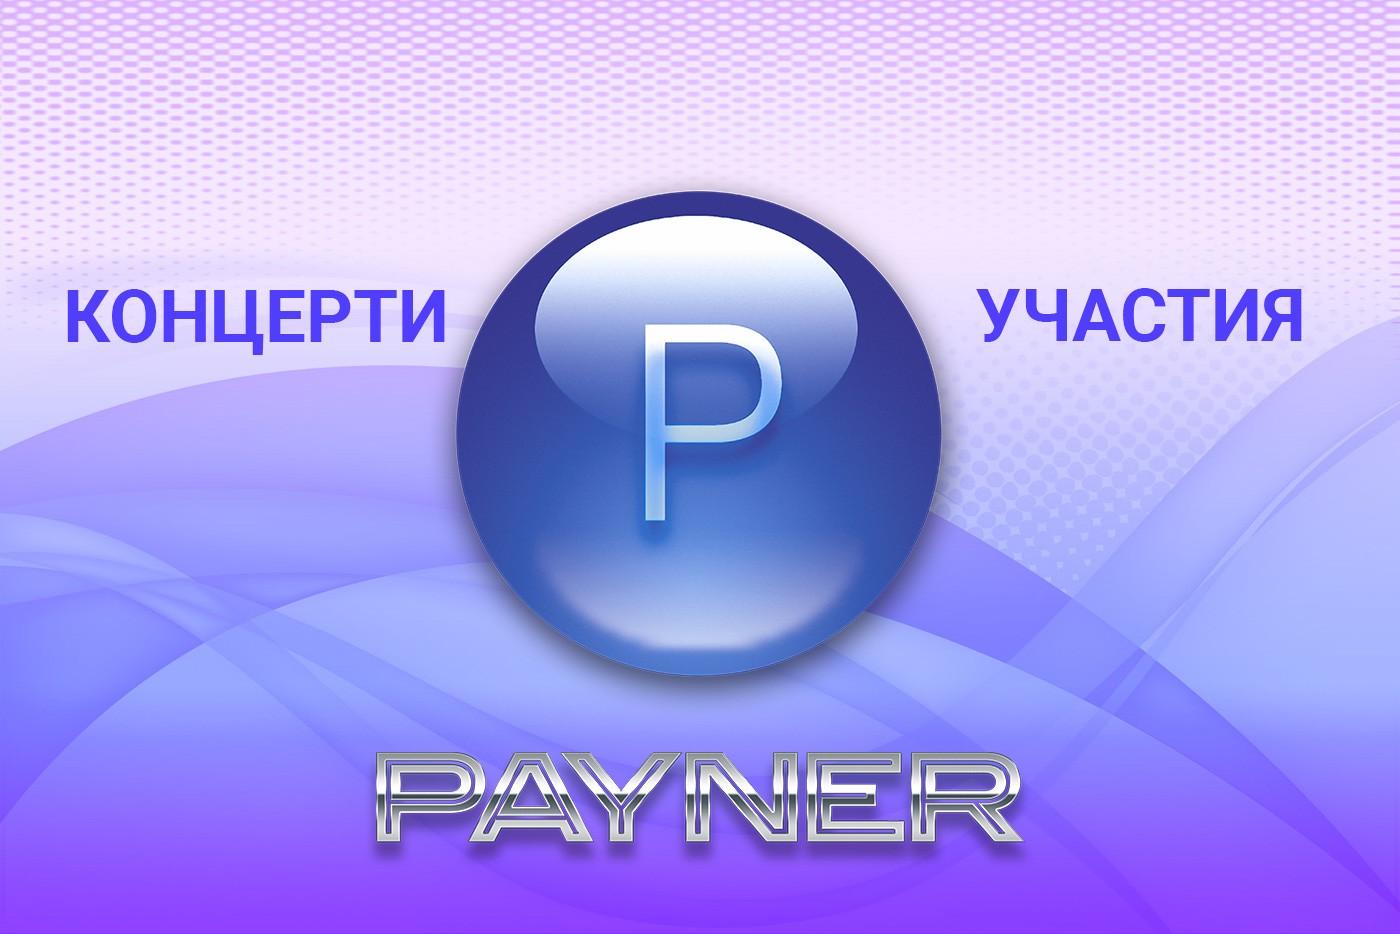 """Участия на звездите на """"Пайнер"""" на 24.04.2019"""